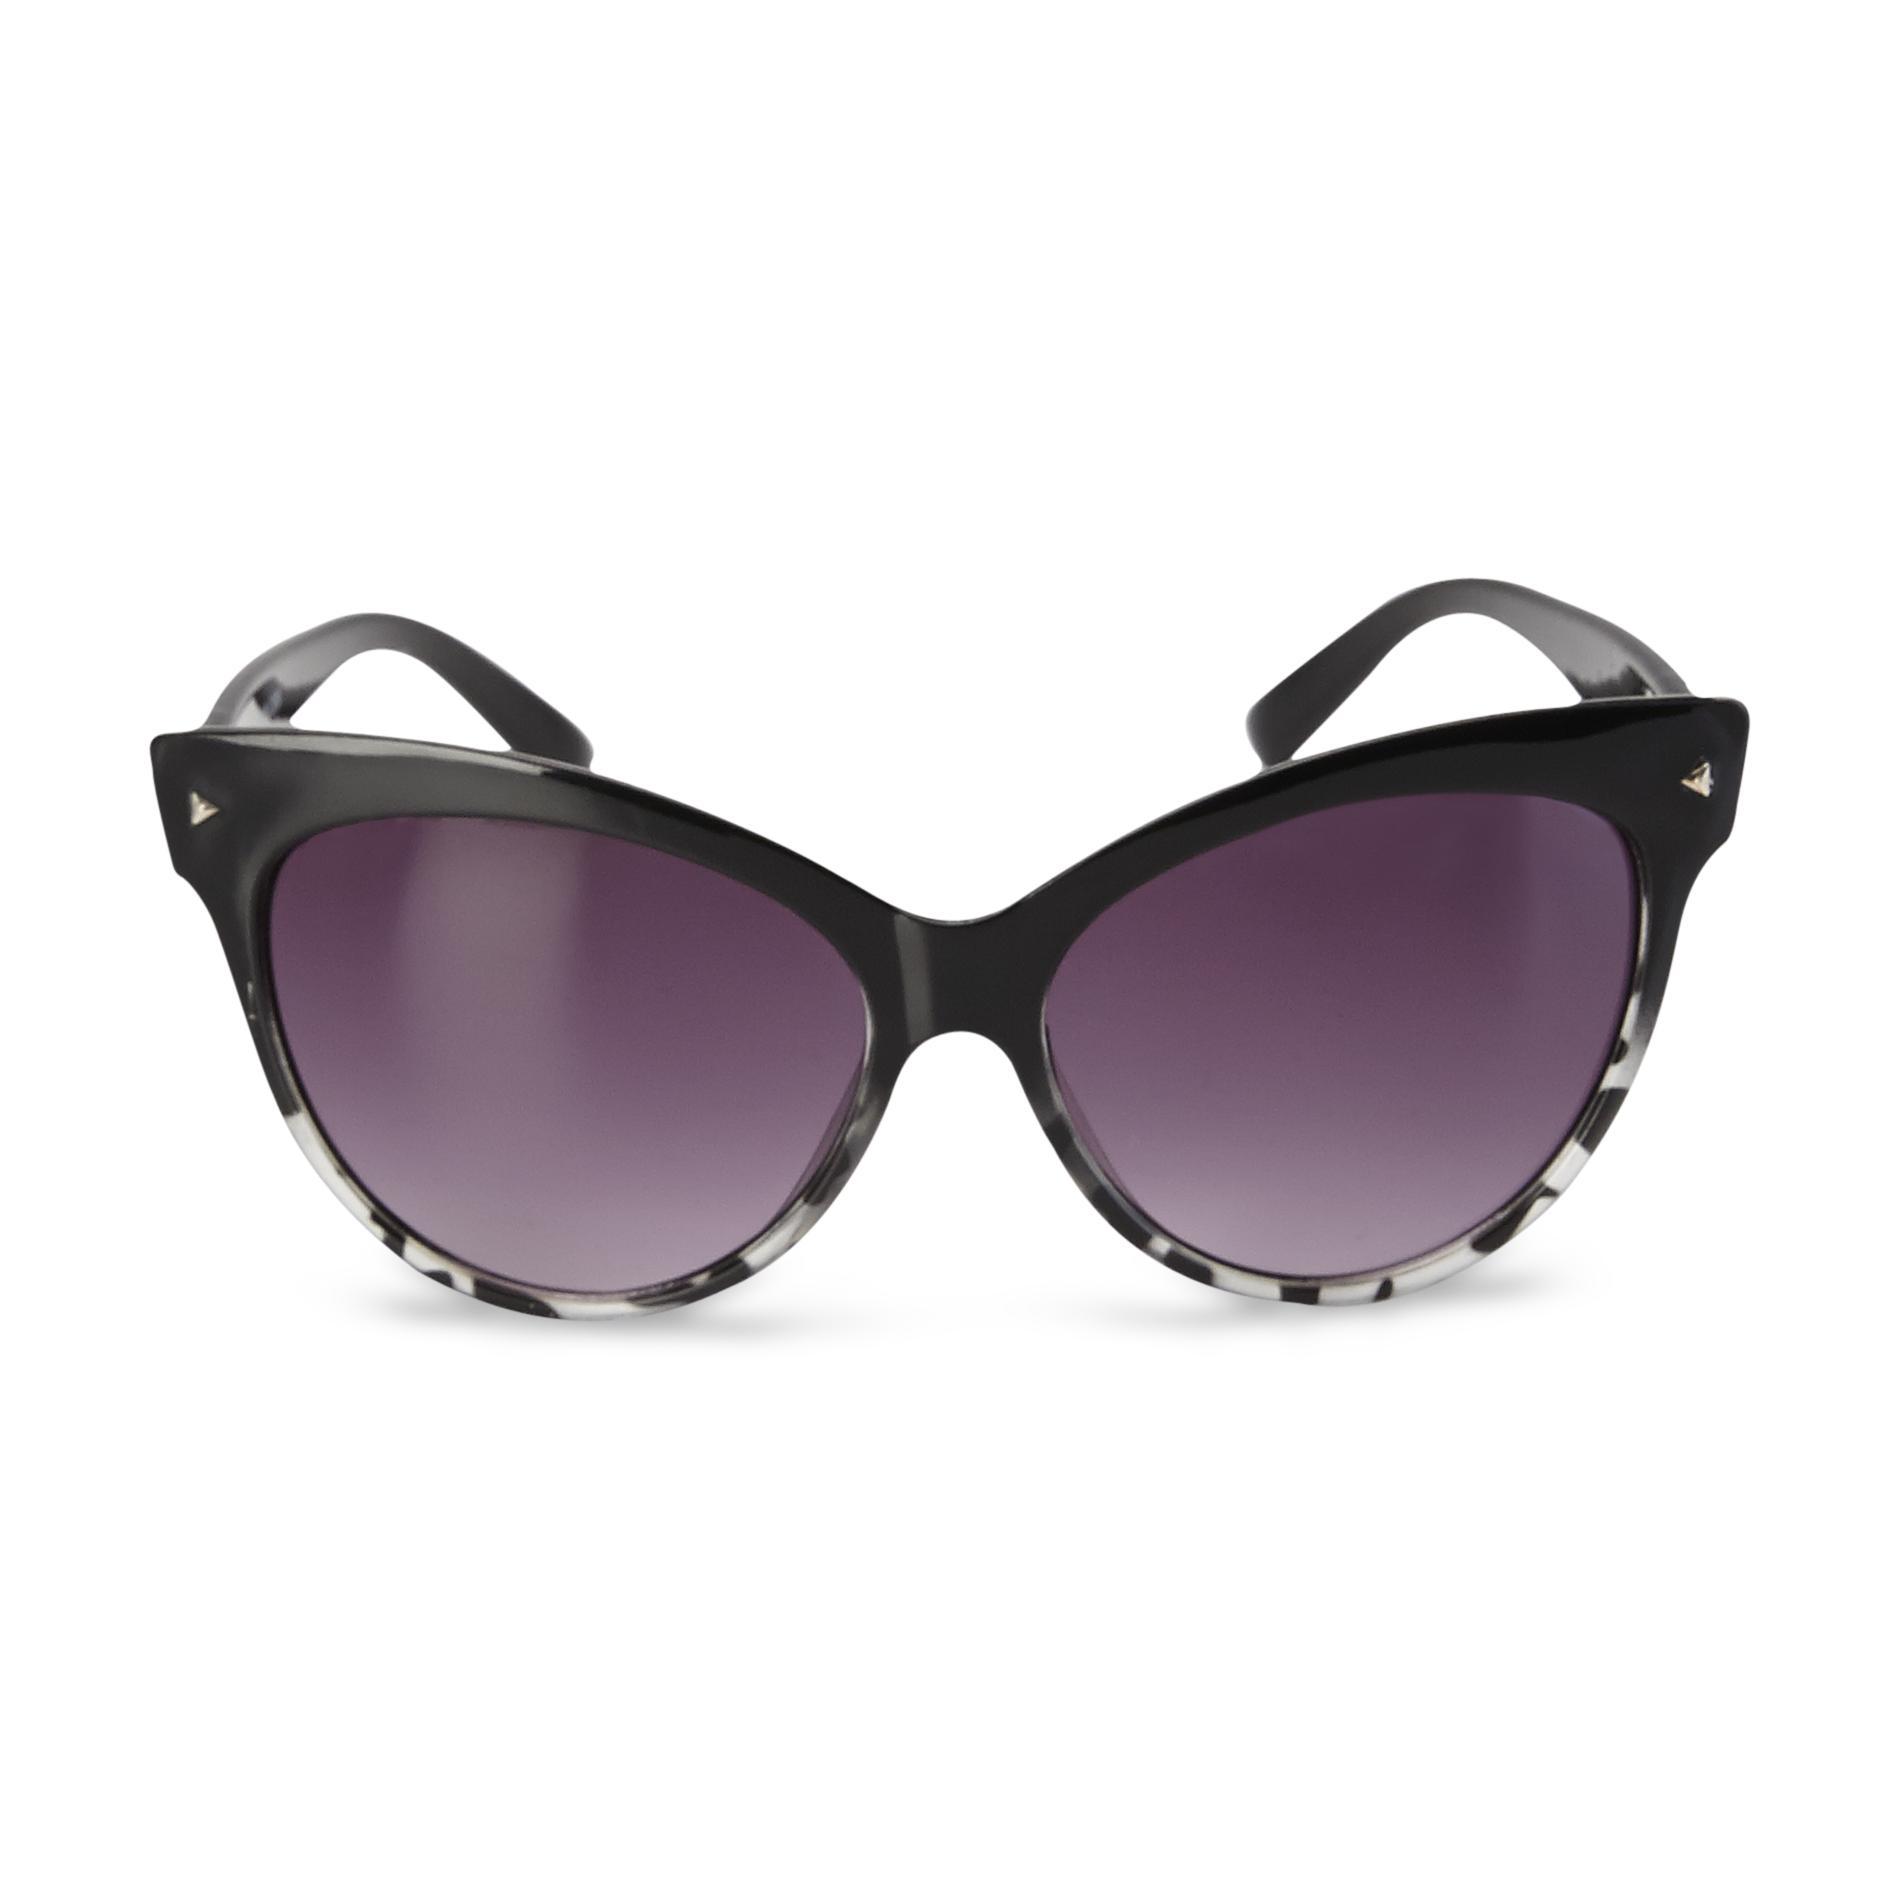 Adam Levine Women's Cat Eye Sunglasses - Tortoiseshell